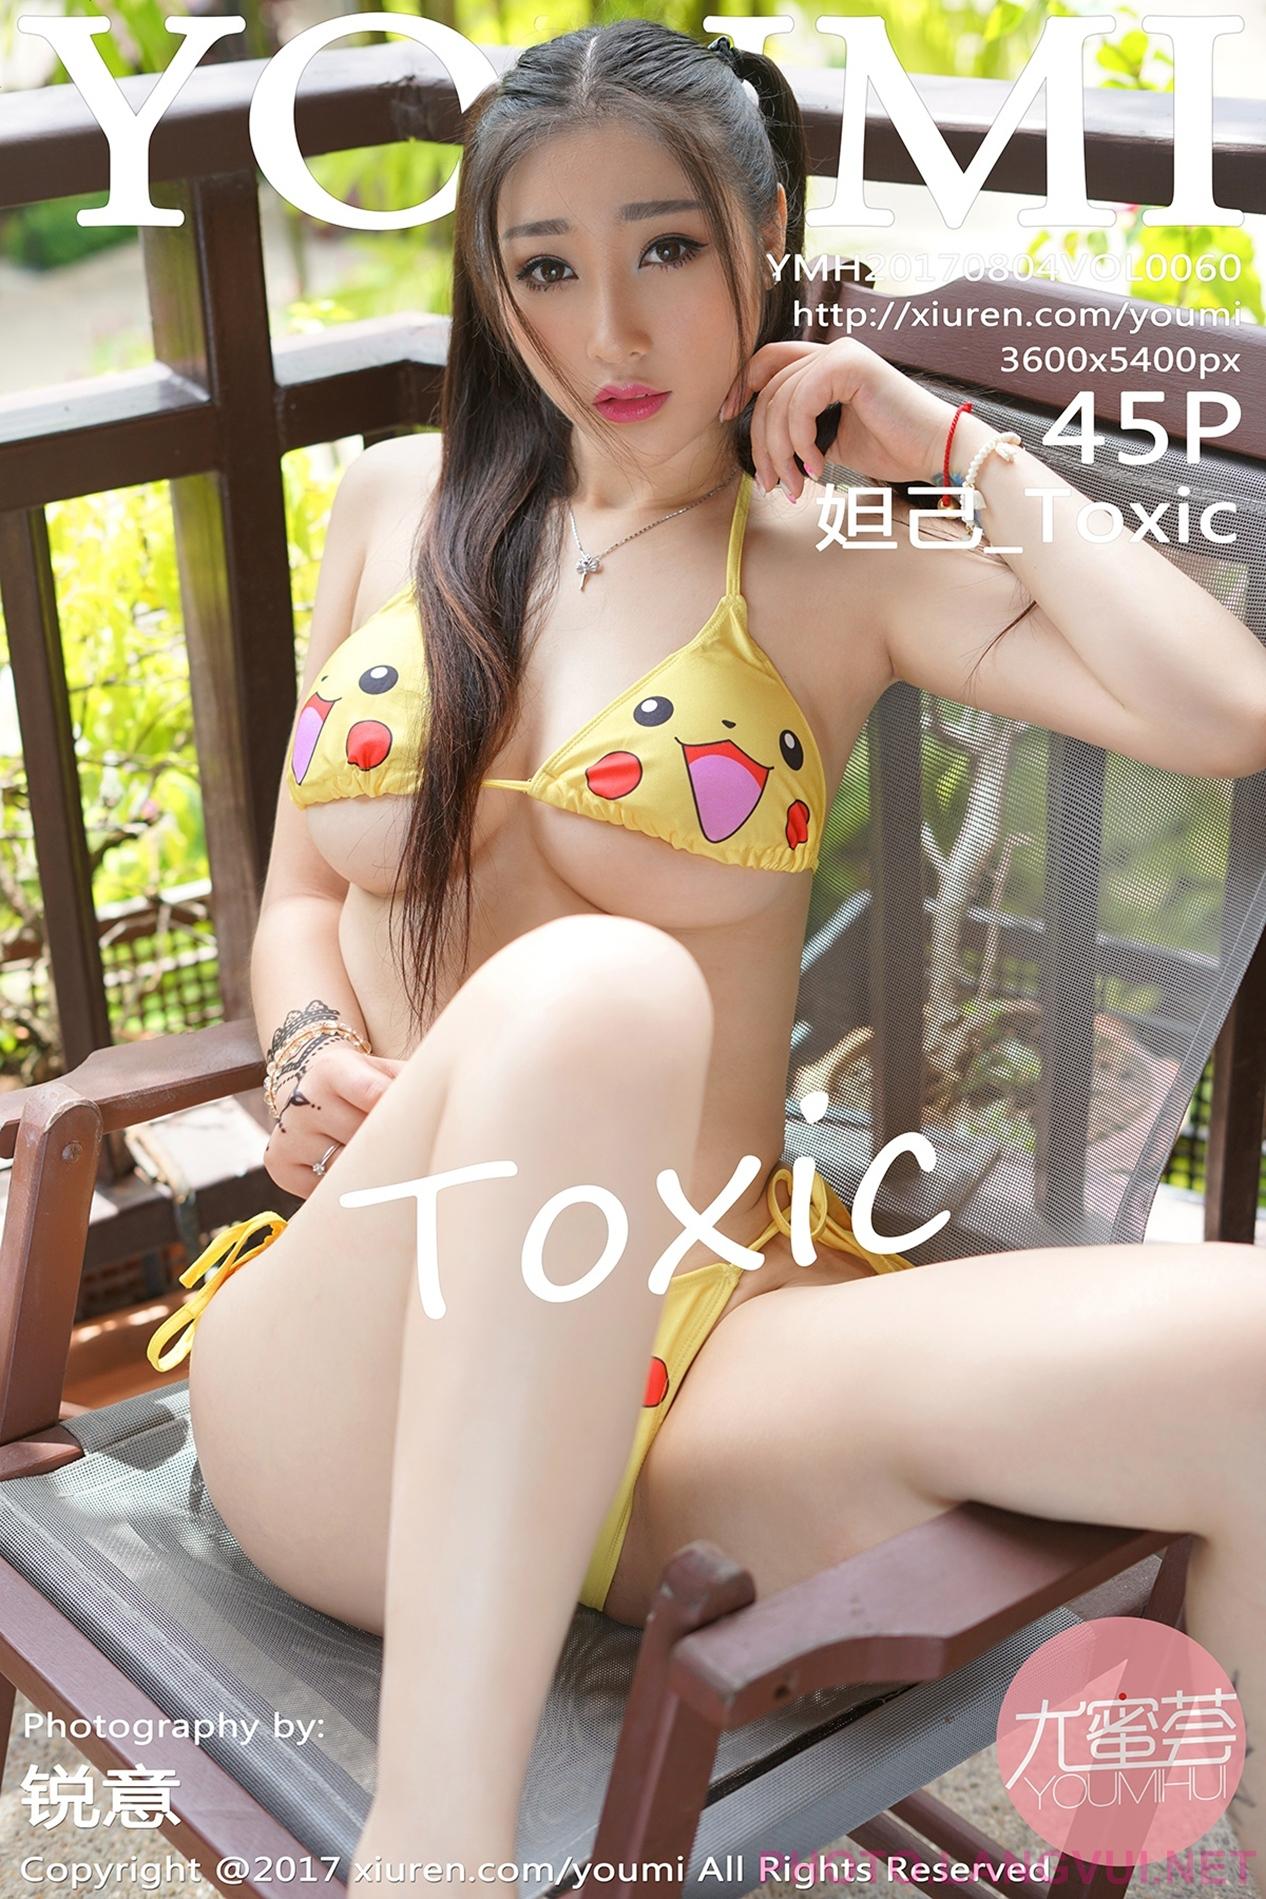 YouMi Vol 060 Toxic